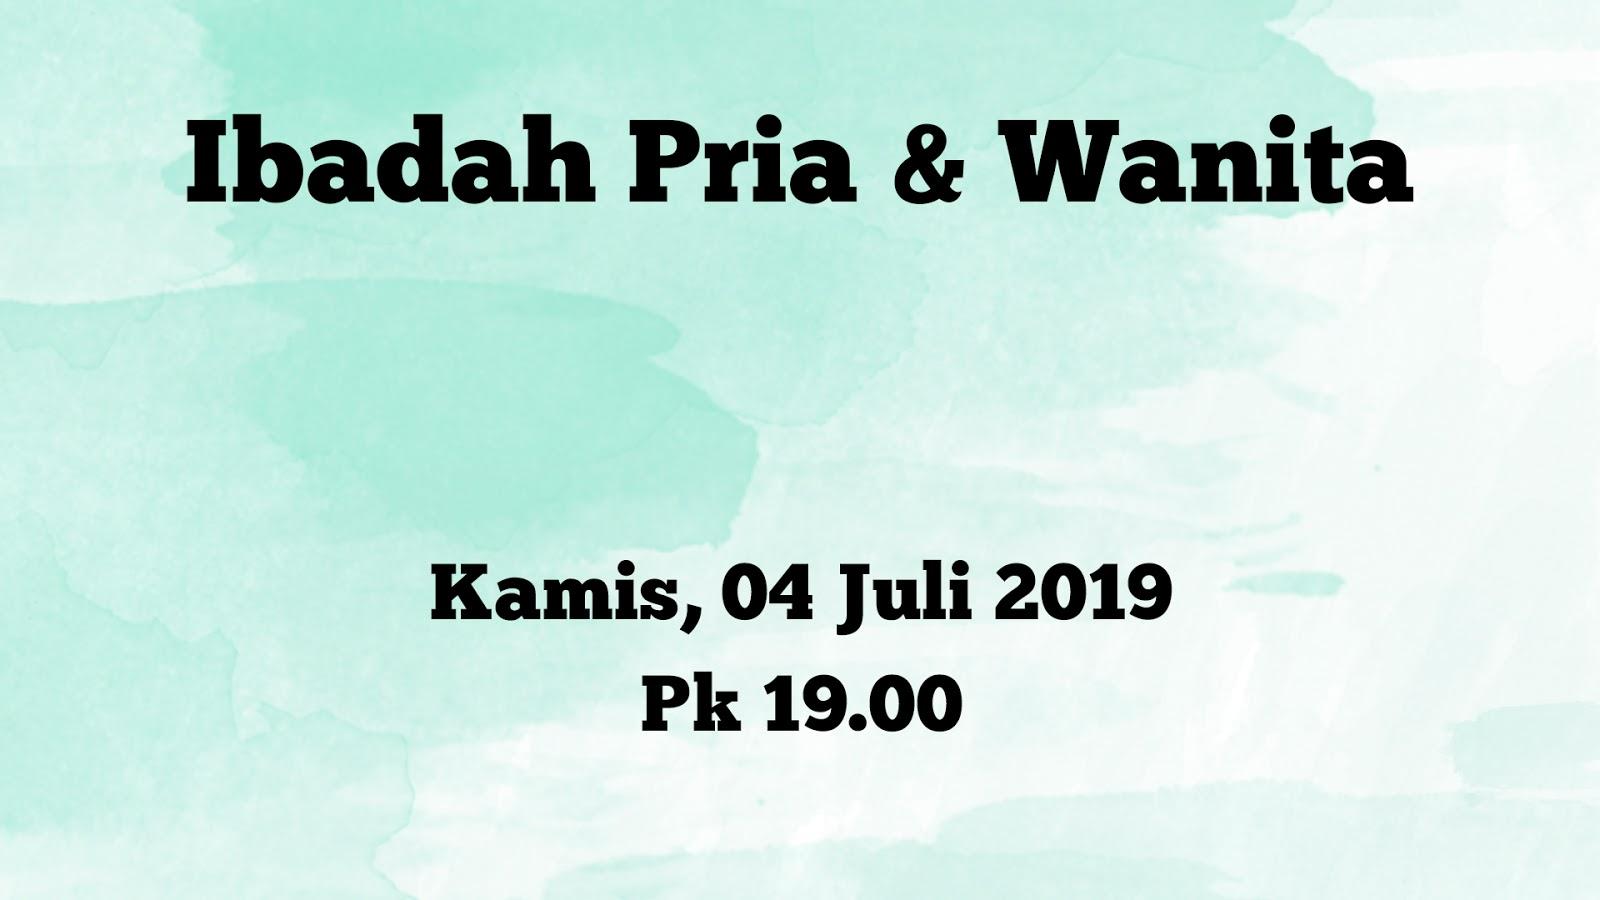 Ibadah pria & wanita GSJA Sword 04-07-2019